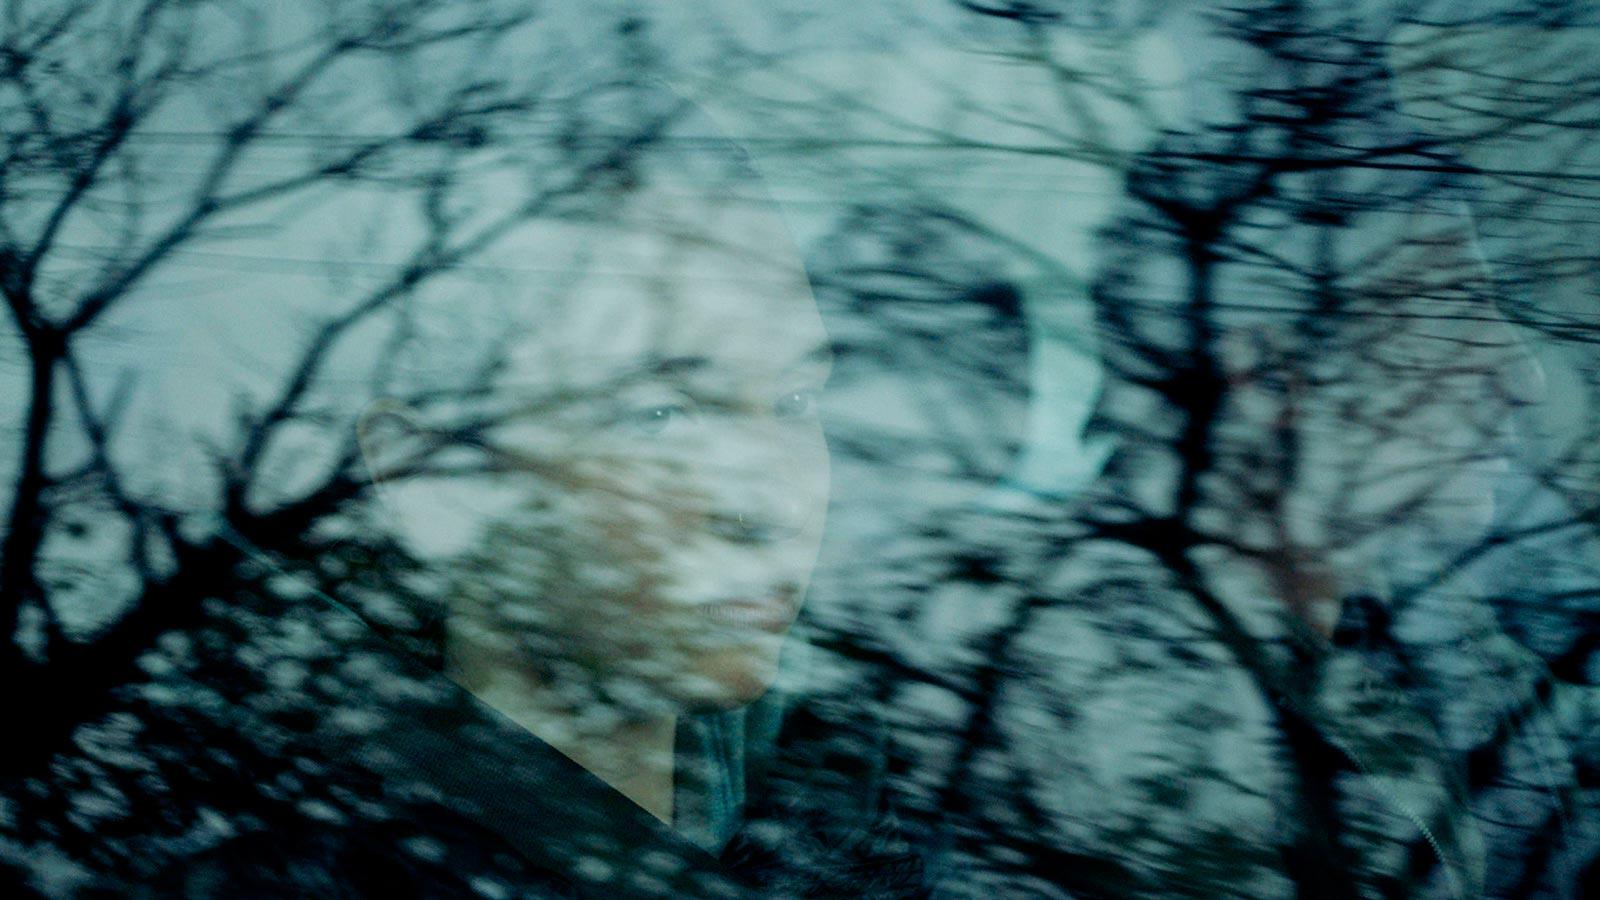 invisible_mora_caja_02-1